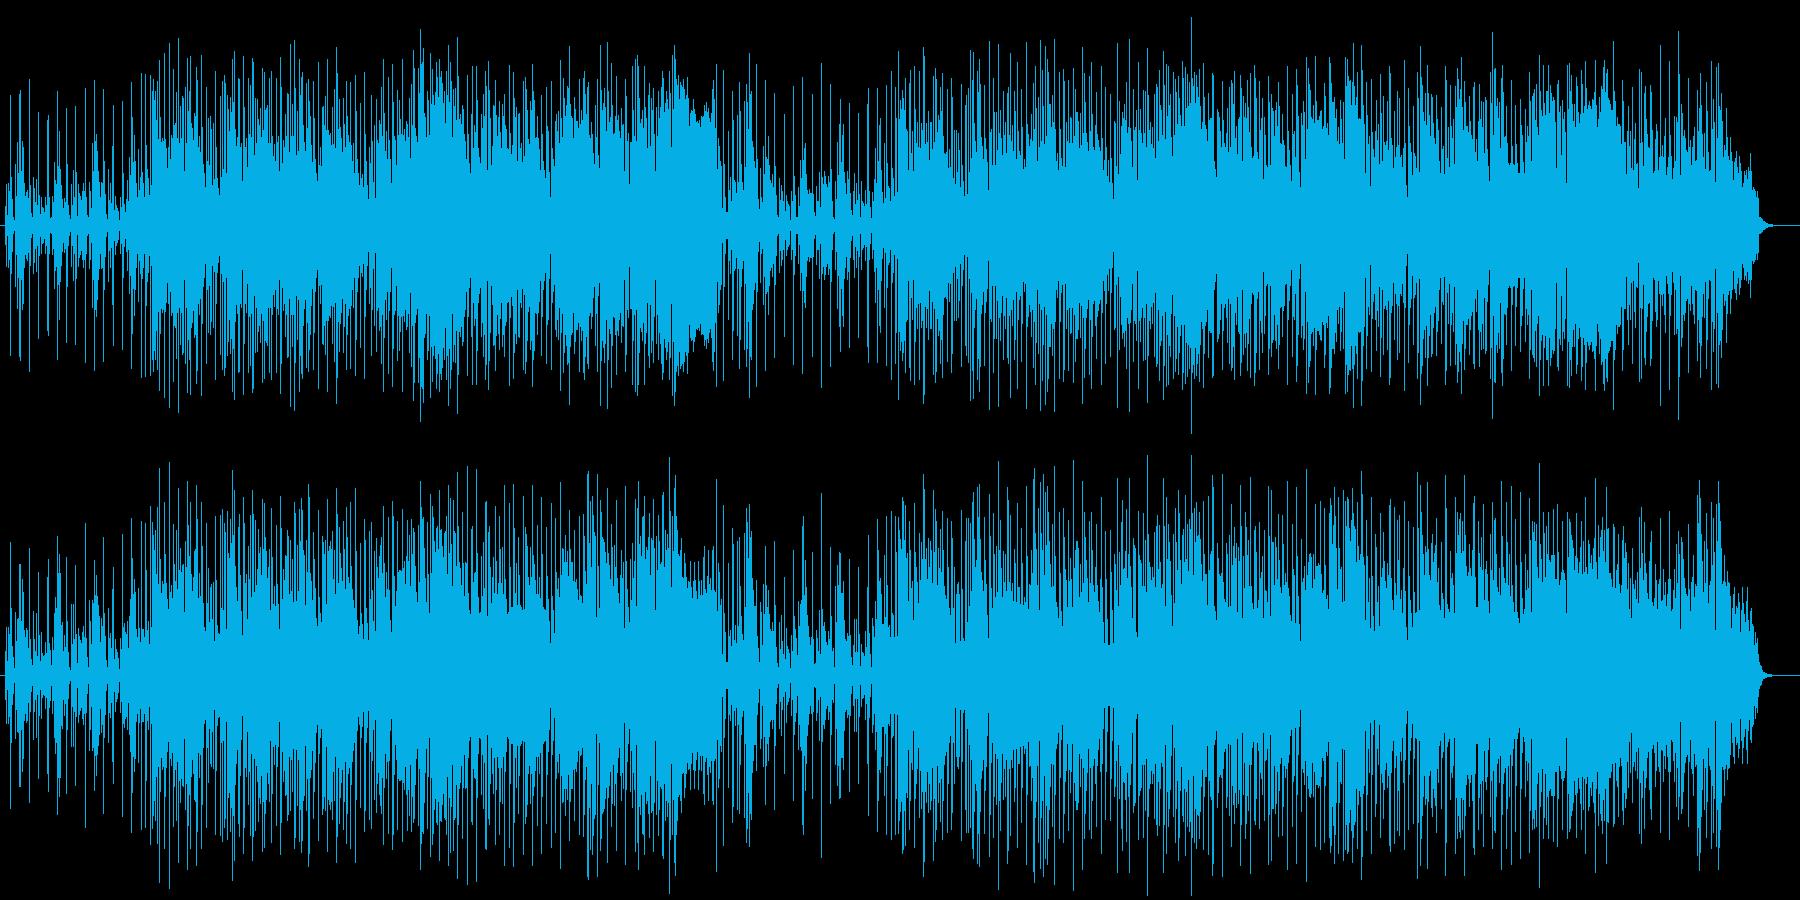 軽くてポップなミュージックの再生済みの波形